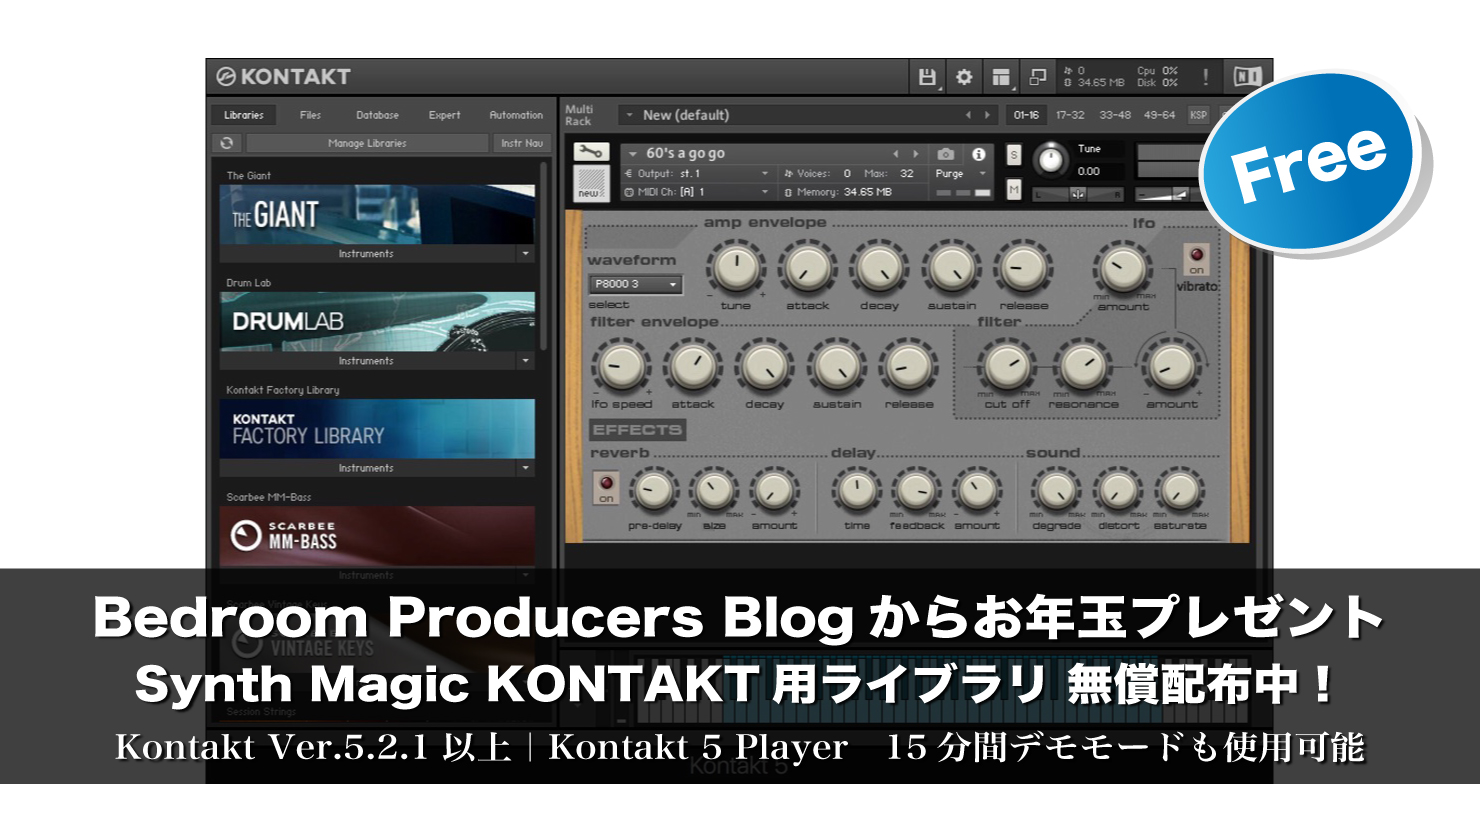 【無料】BPBからお年玉プレゼント Synth Magic KONTAKT用ライブラリ 無償配布中!